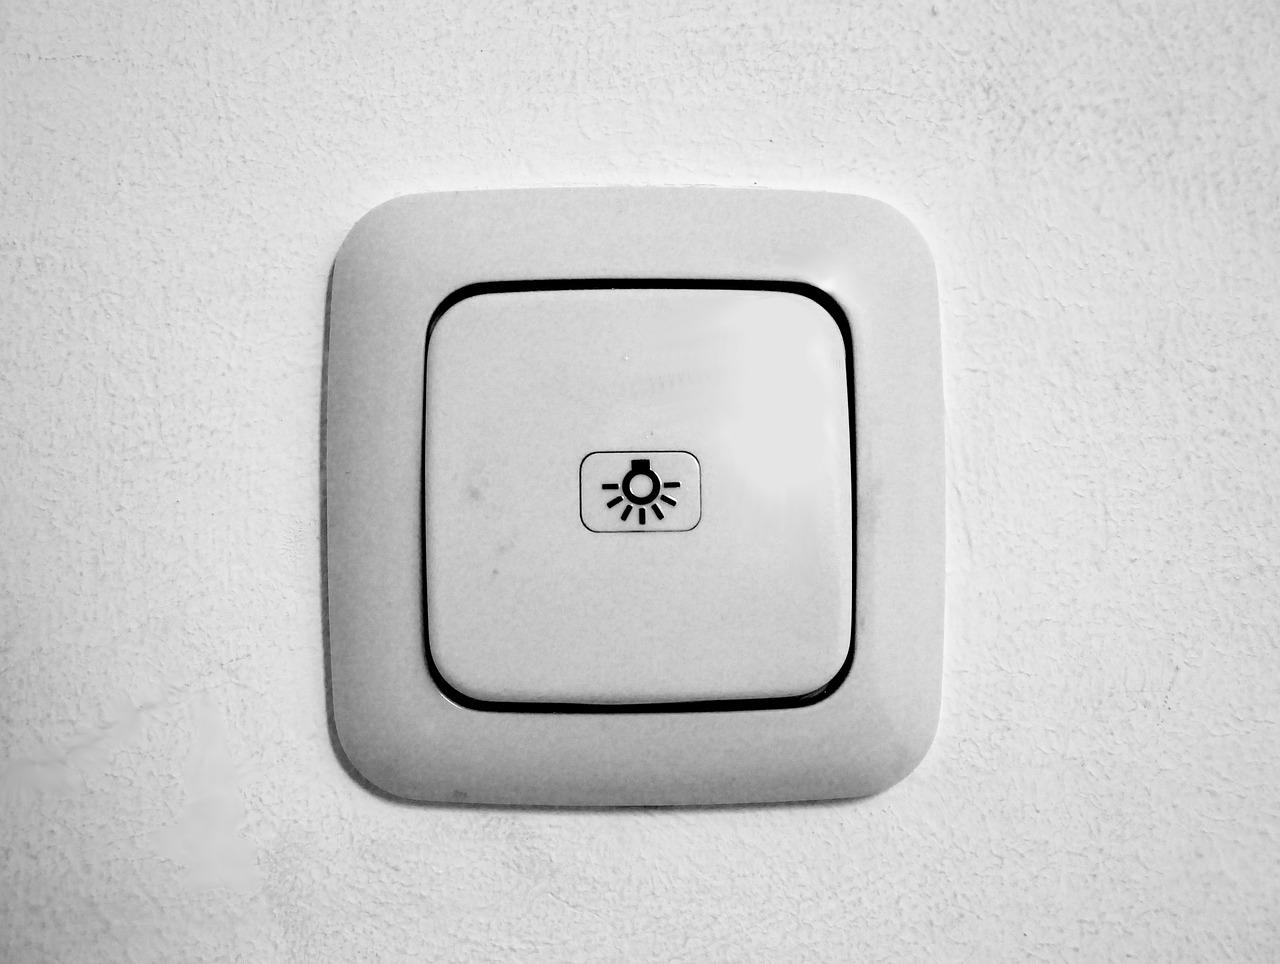 Lichtschalter Anschliessen Aber Wohin Gehort Er Eigentlich